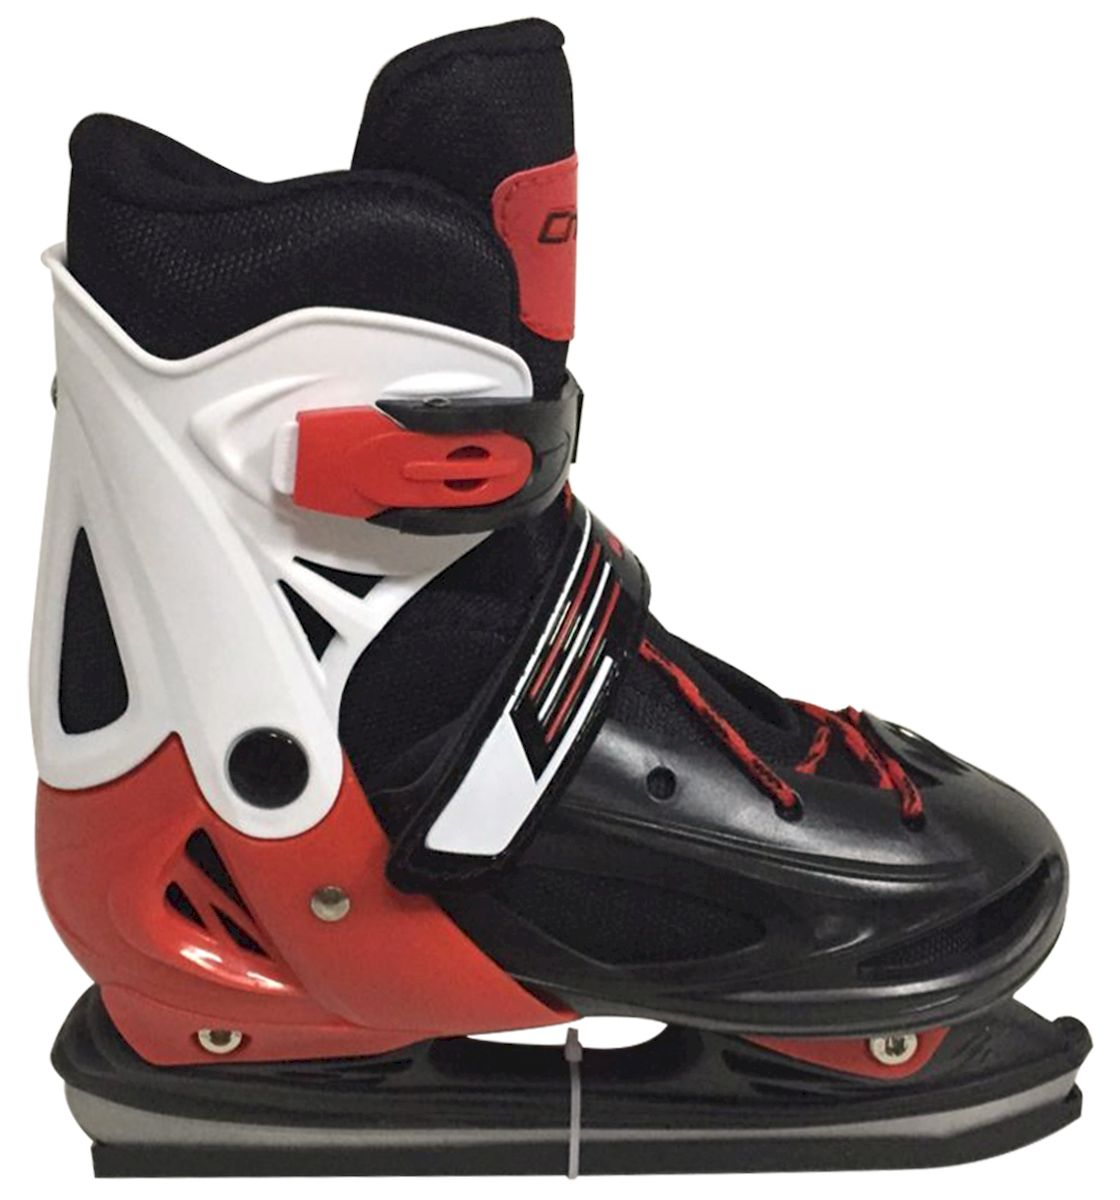 Коньки ледовые Ice Blade Charlie, раздвижные, цвет: черный, красный, белый. УТ-00009120. Размер M (34/37)